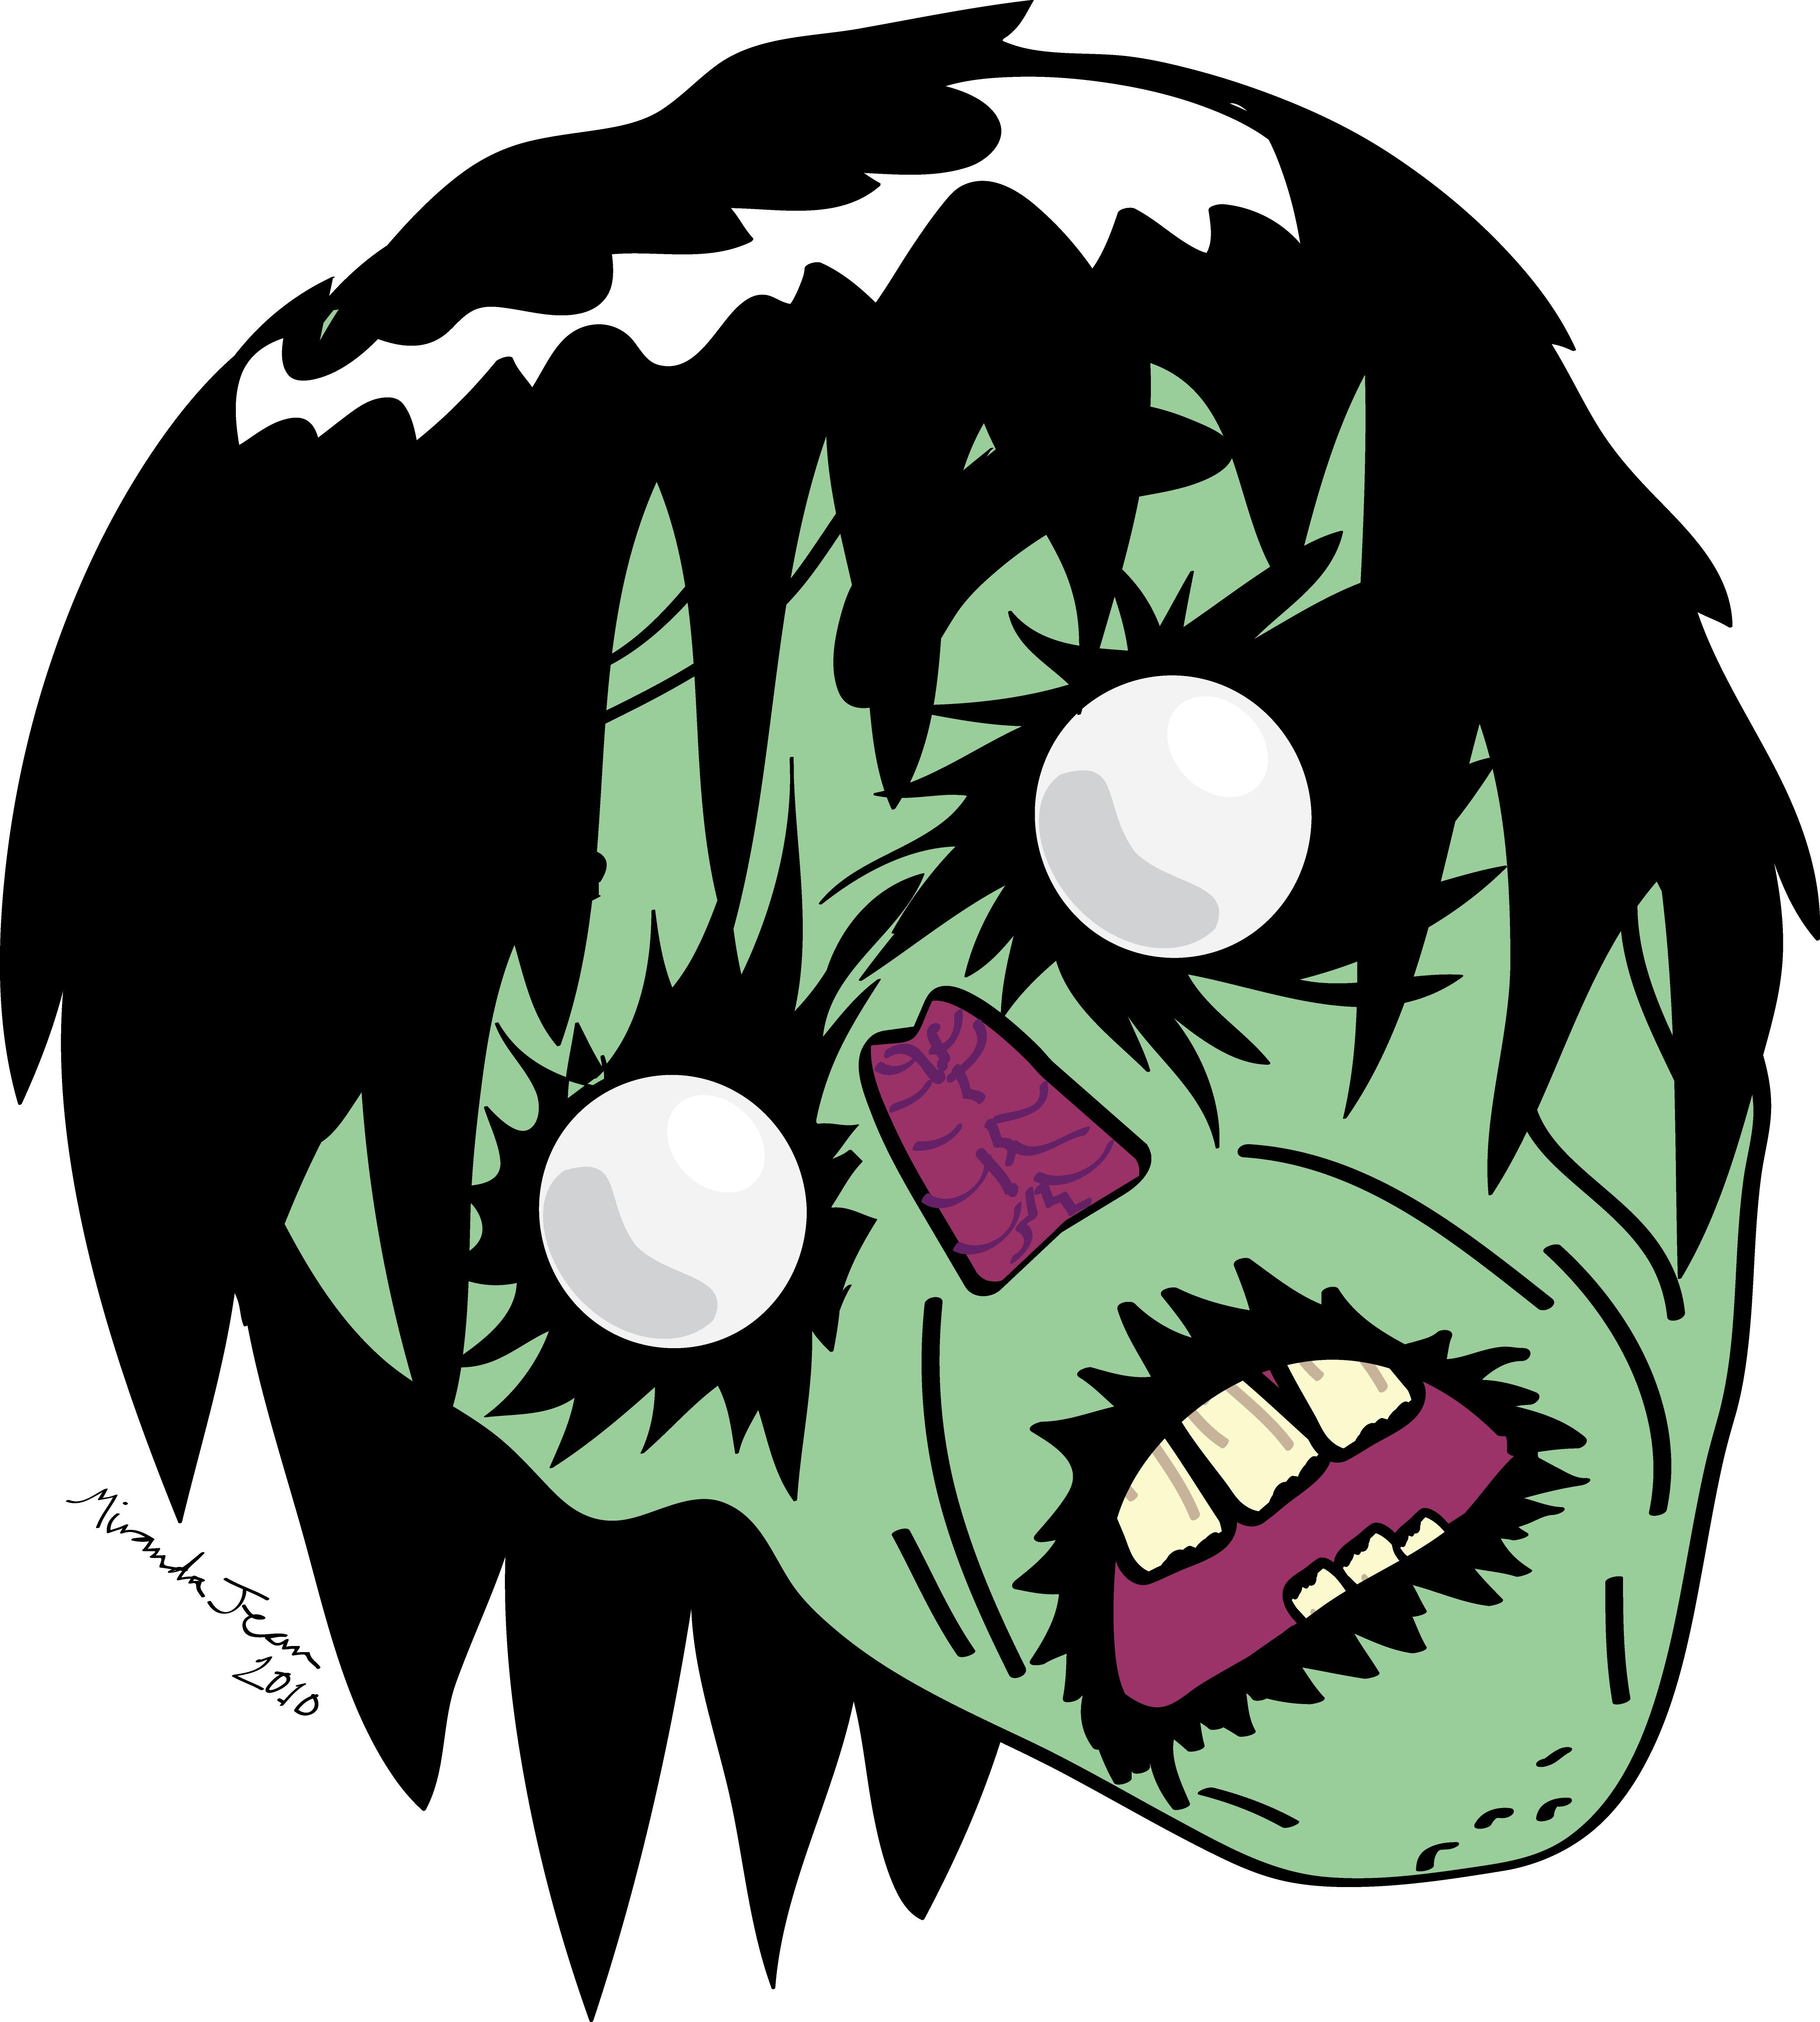 Zombie clipart zombie head 2 Head by Zombie Fluffgar